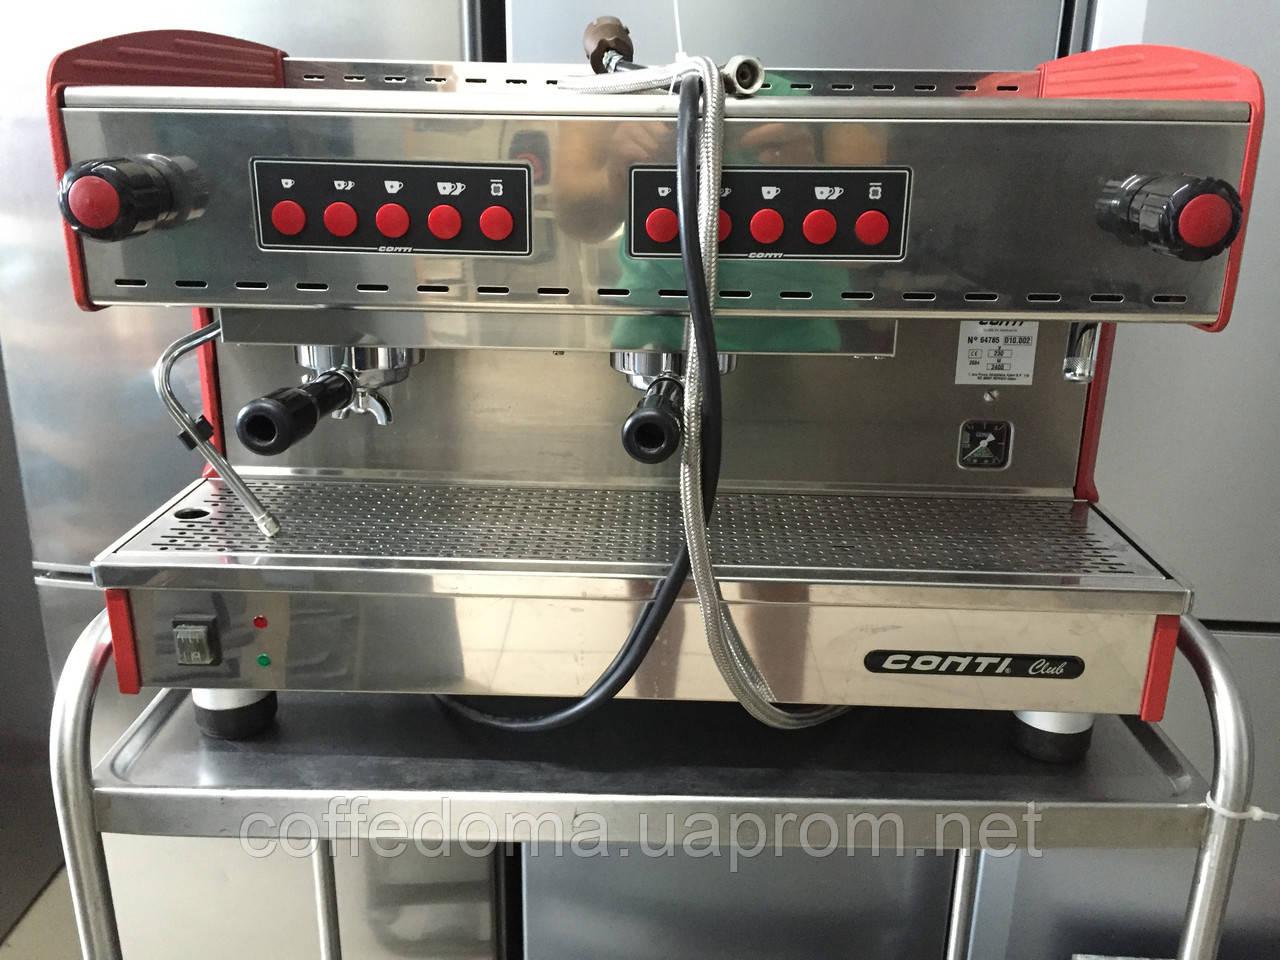 Conti профессиональная кофемашина